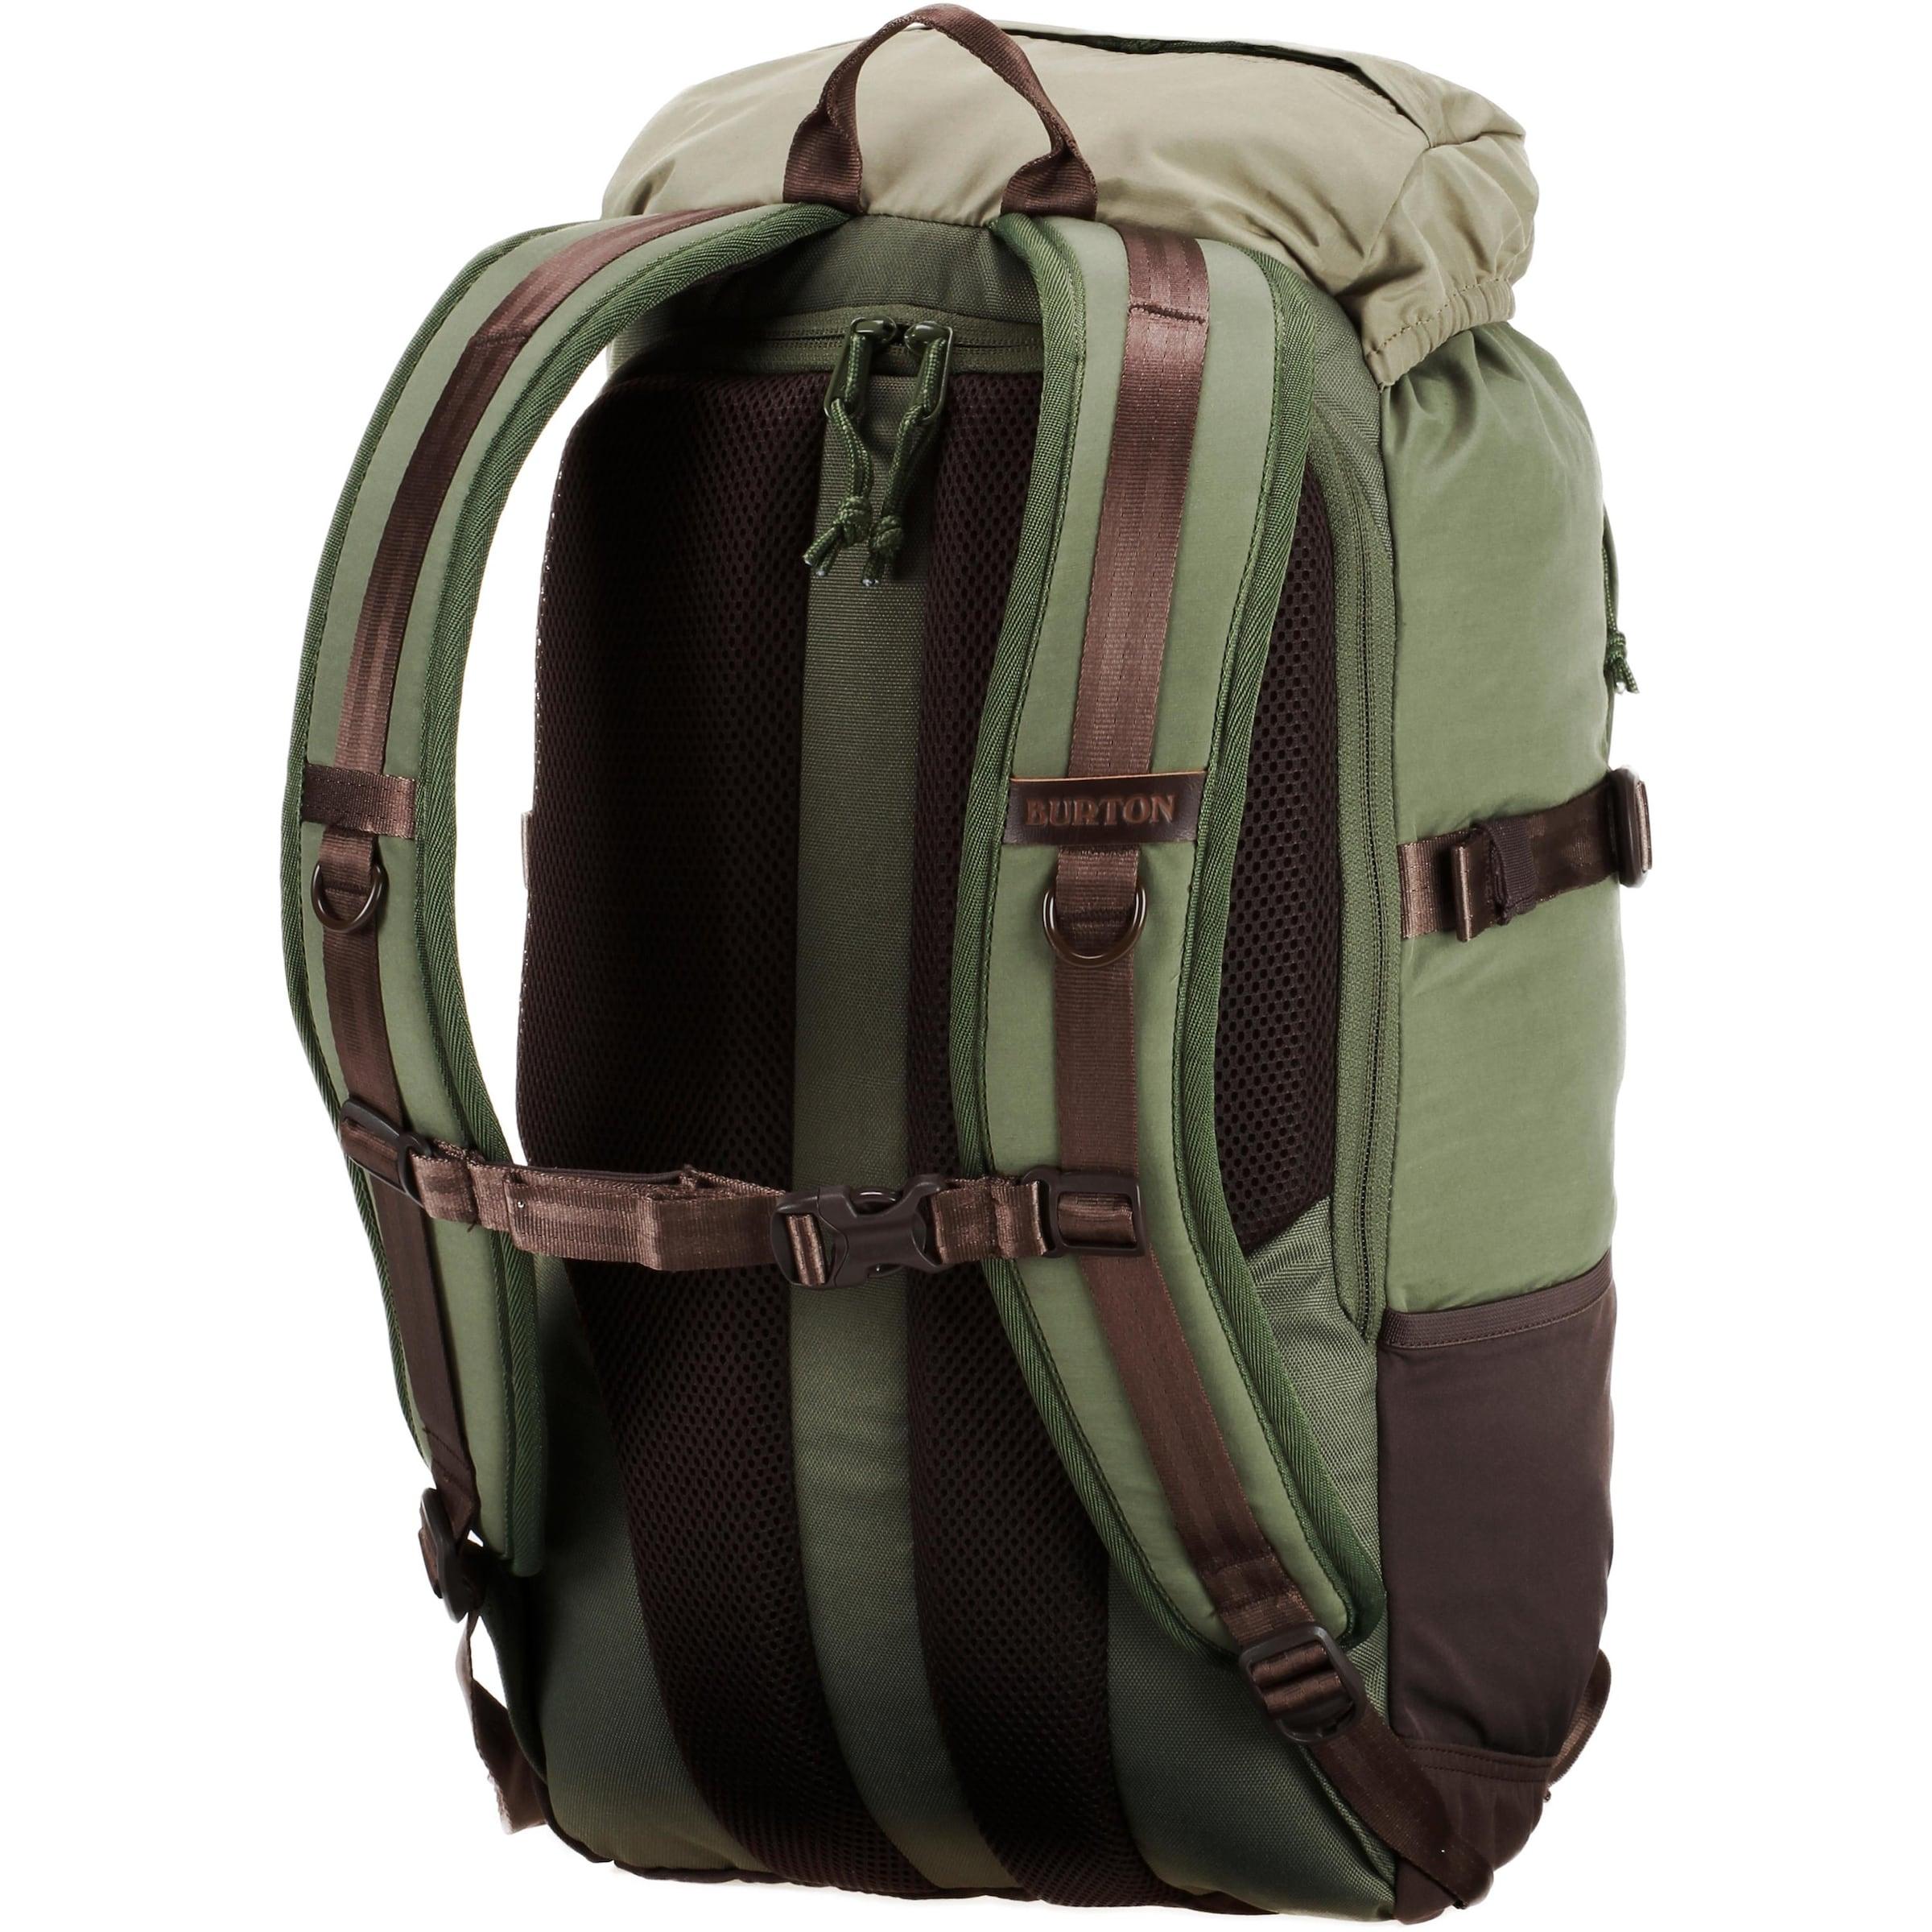 BURTON 'CHILCOOT PACK' Daypack Rabatt Für Schön Spätestens Zum Verkauf Zum Verkauf Der Billigsten Discount Versandkosten Frei ueyFK4bF